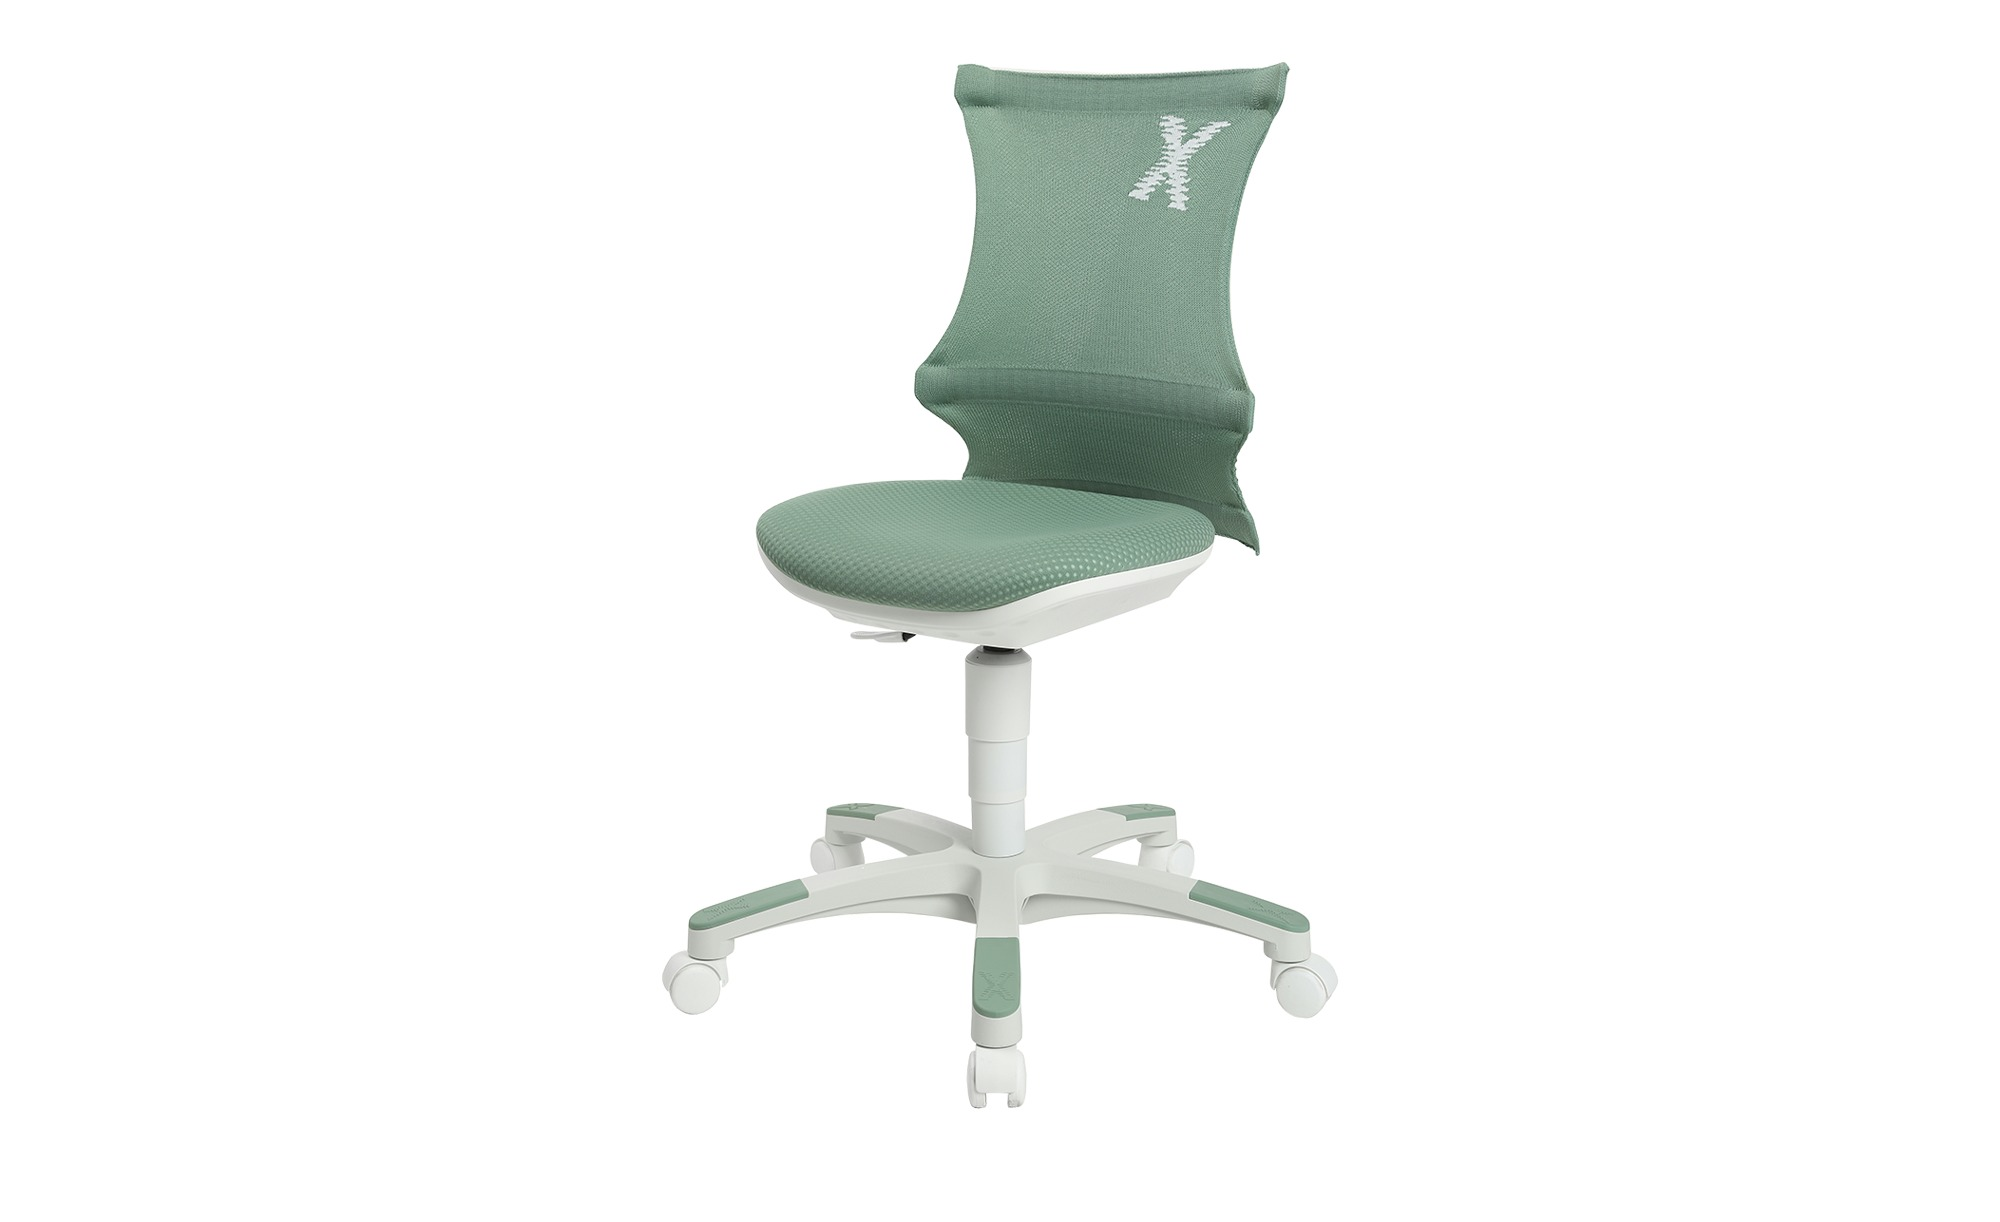 Sitness X KInder- und Jugenddrehstuhl - grün - Stühle > Bürostühle > Drehst günstig online kaufen